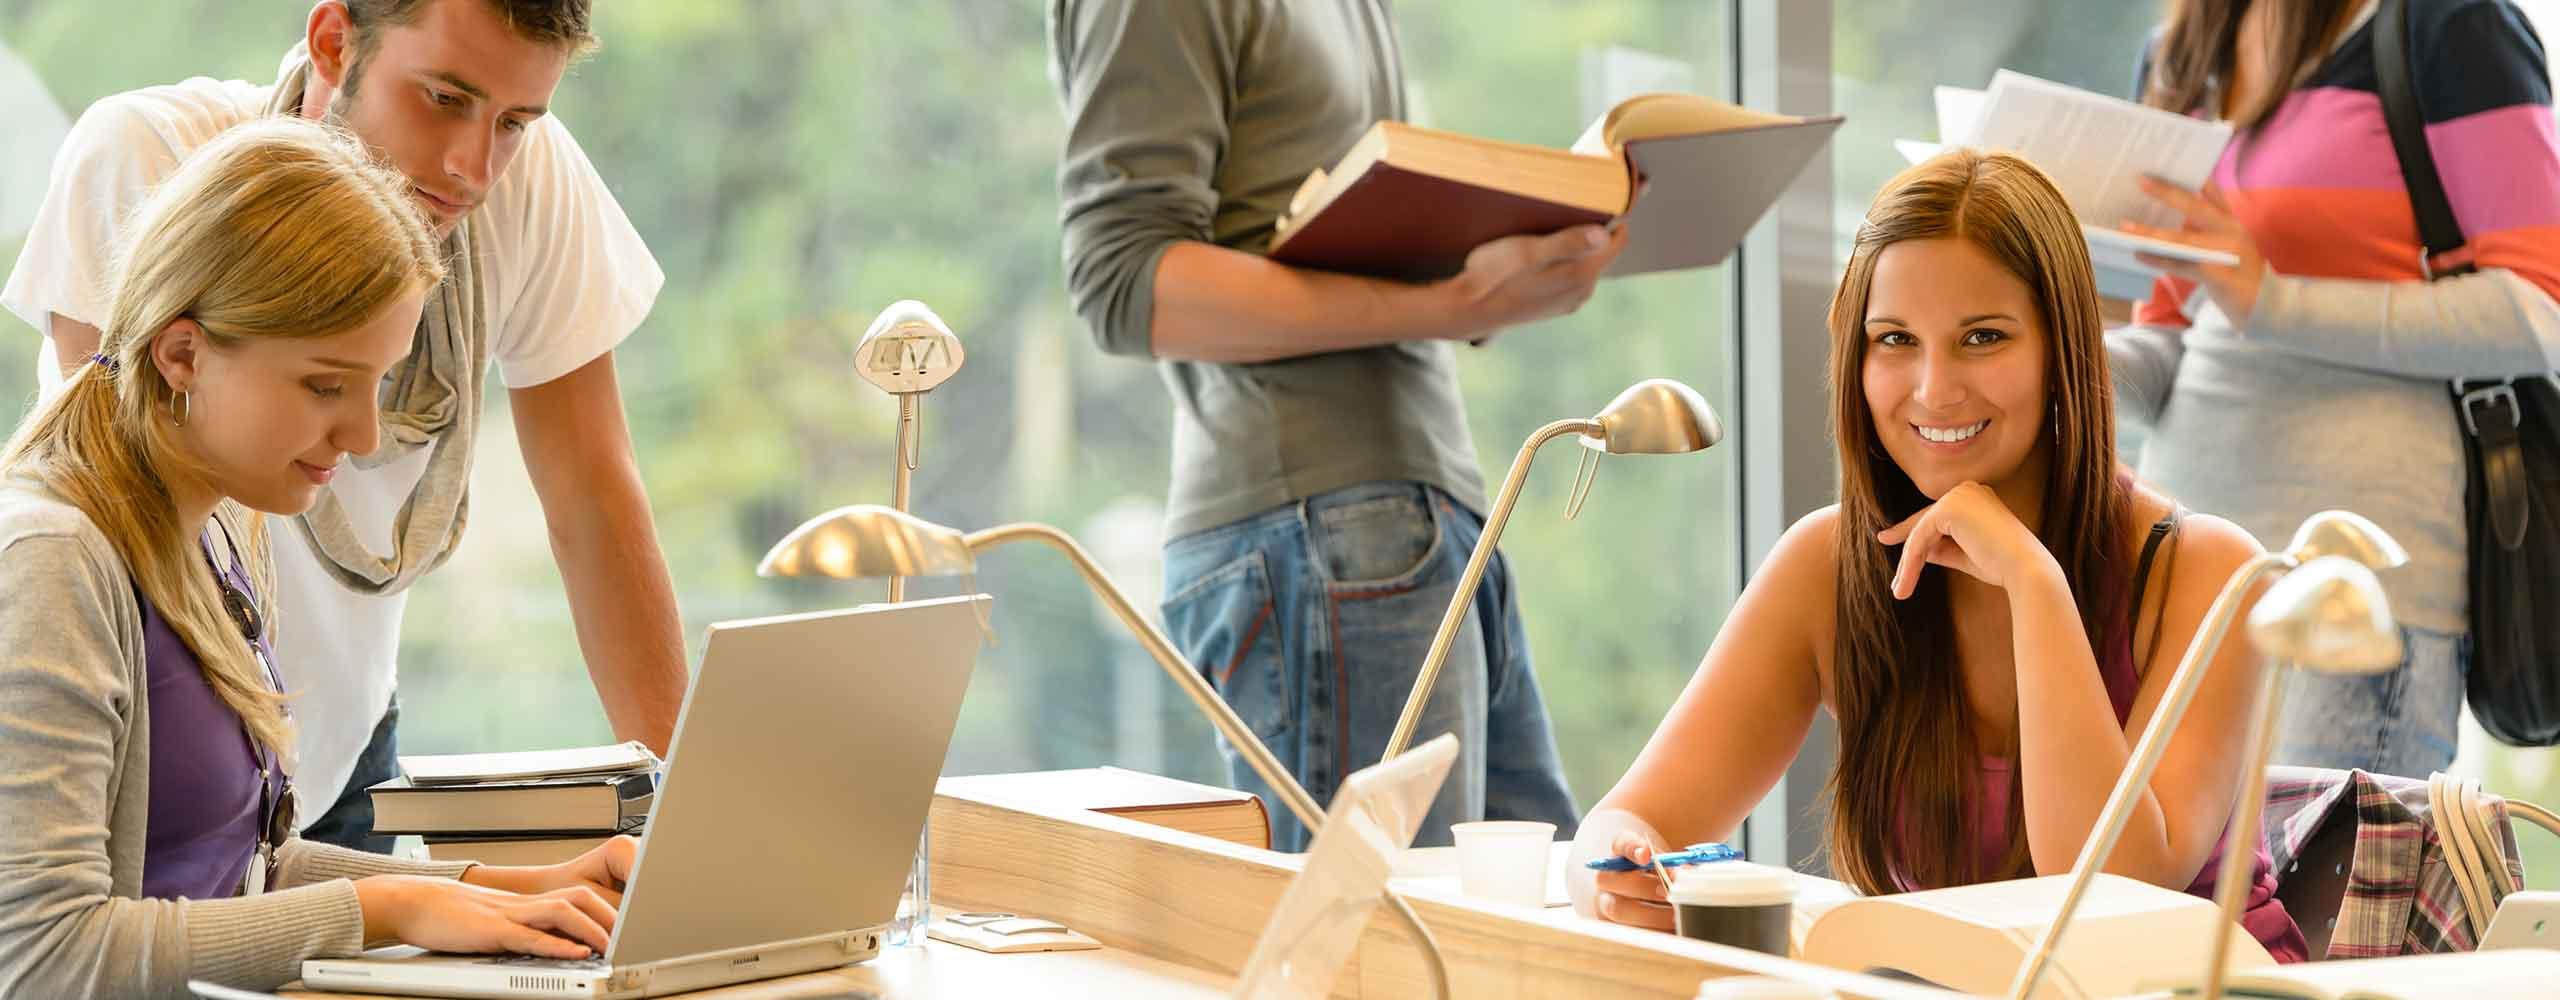 Sito Web per Professori | Preventivo Realizzazione Sito Web per Professori | PRINGO